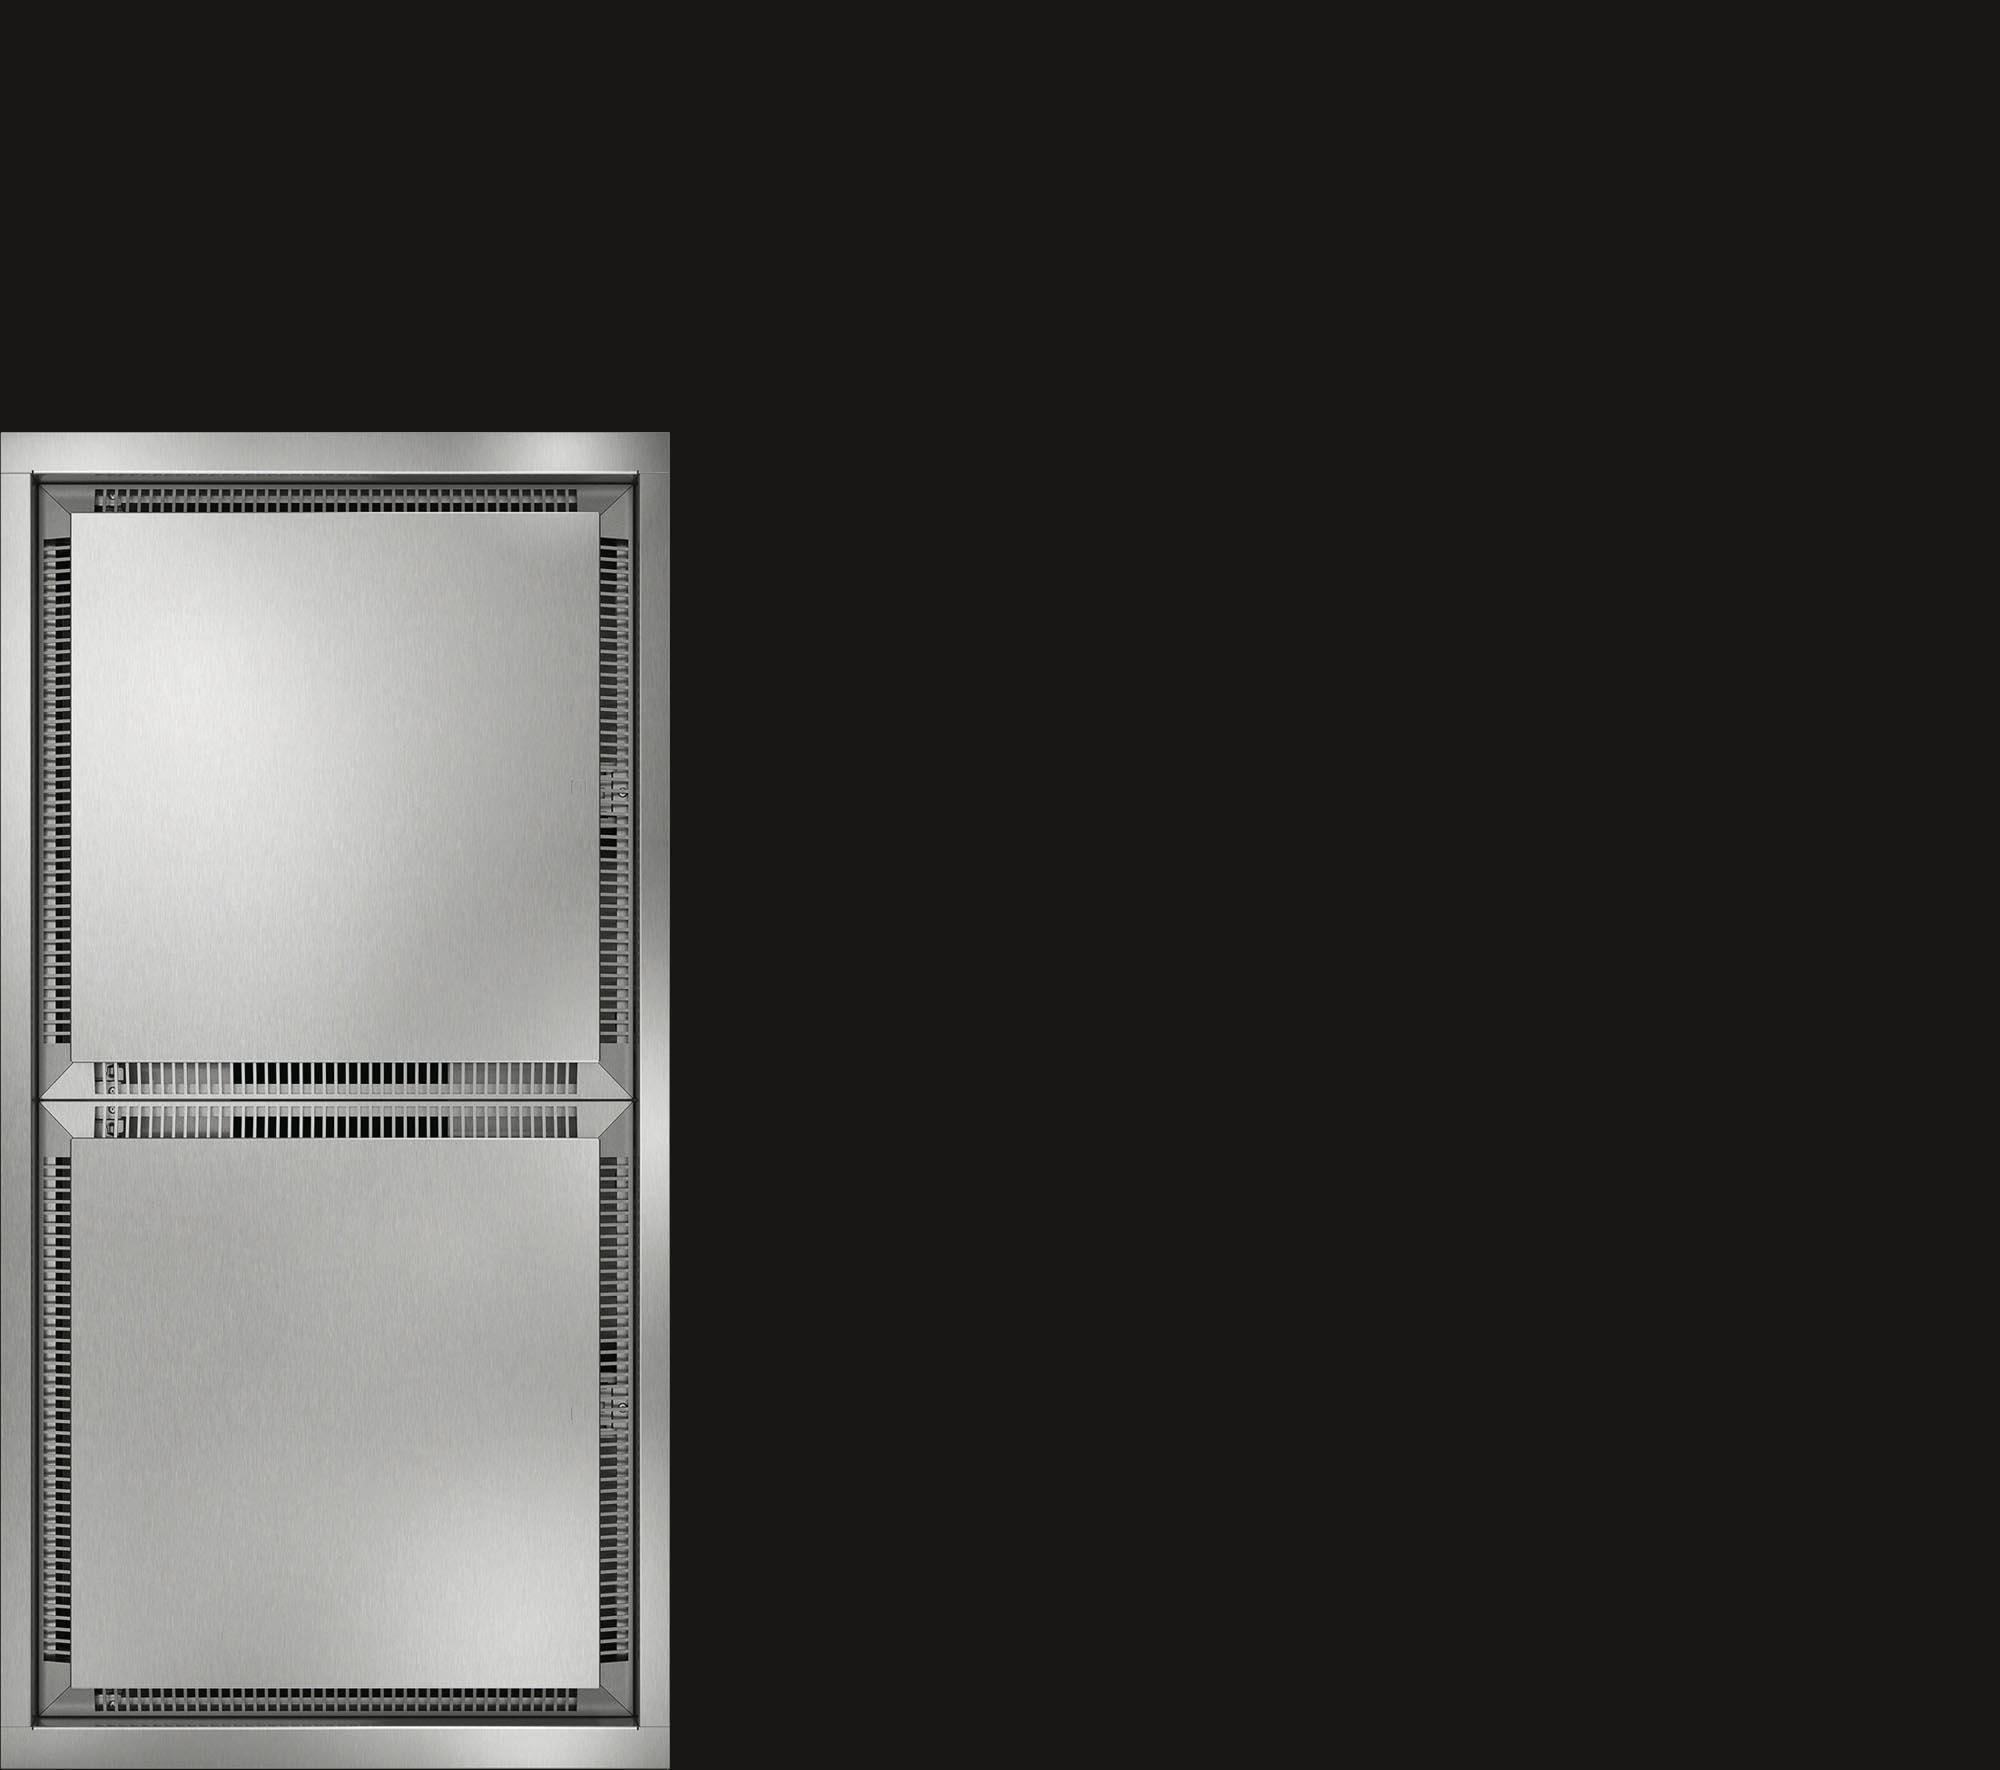 Вытяжка для потолочного монтажа AC402181 GAGGENAU